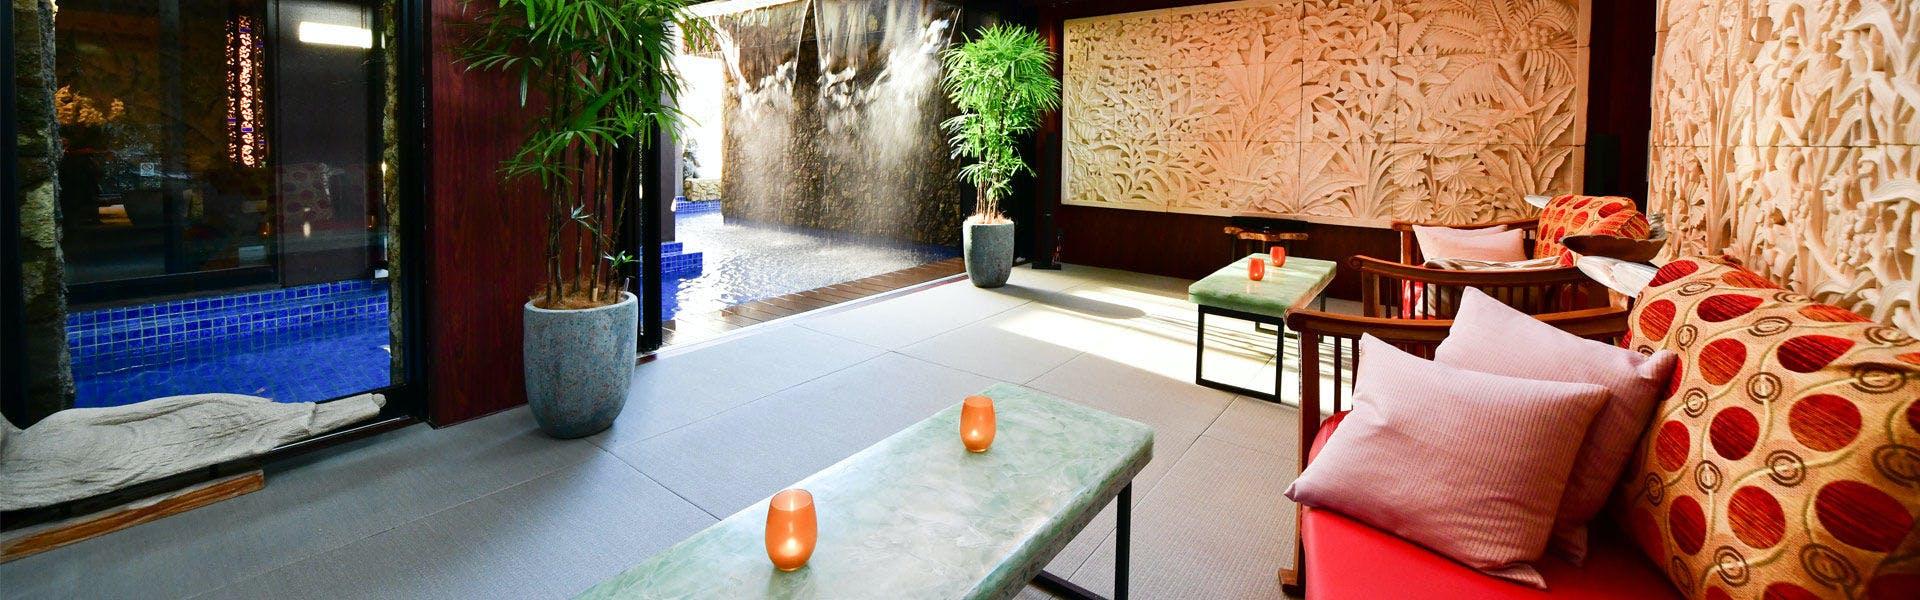 記念日におすすめのホテル・箱根 藍瑠の写真1